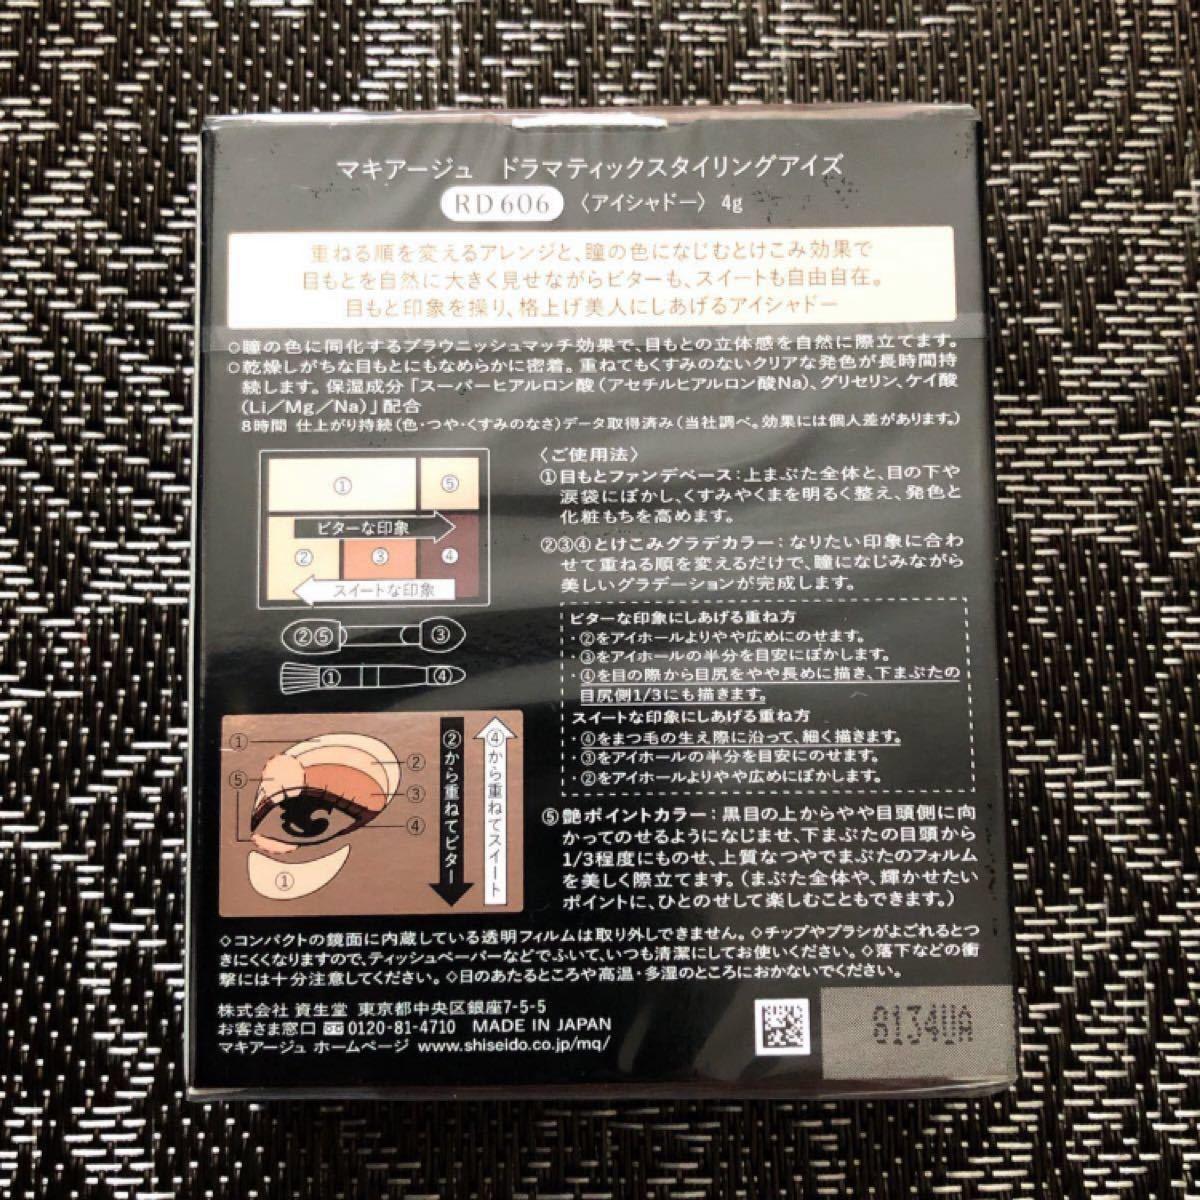 マキアージュ ドラマティックスタイリングアイズRD606